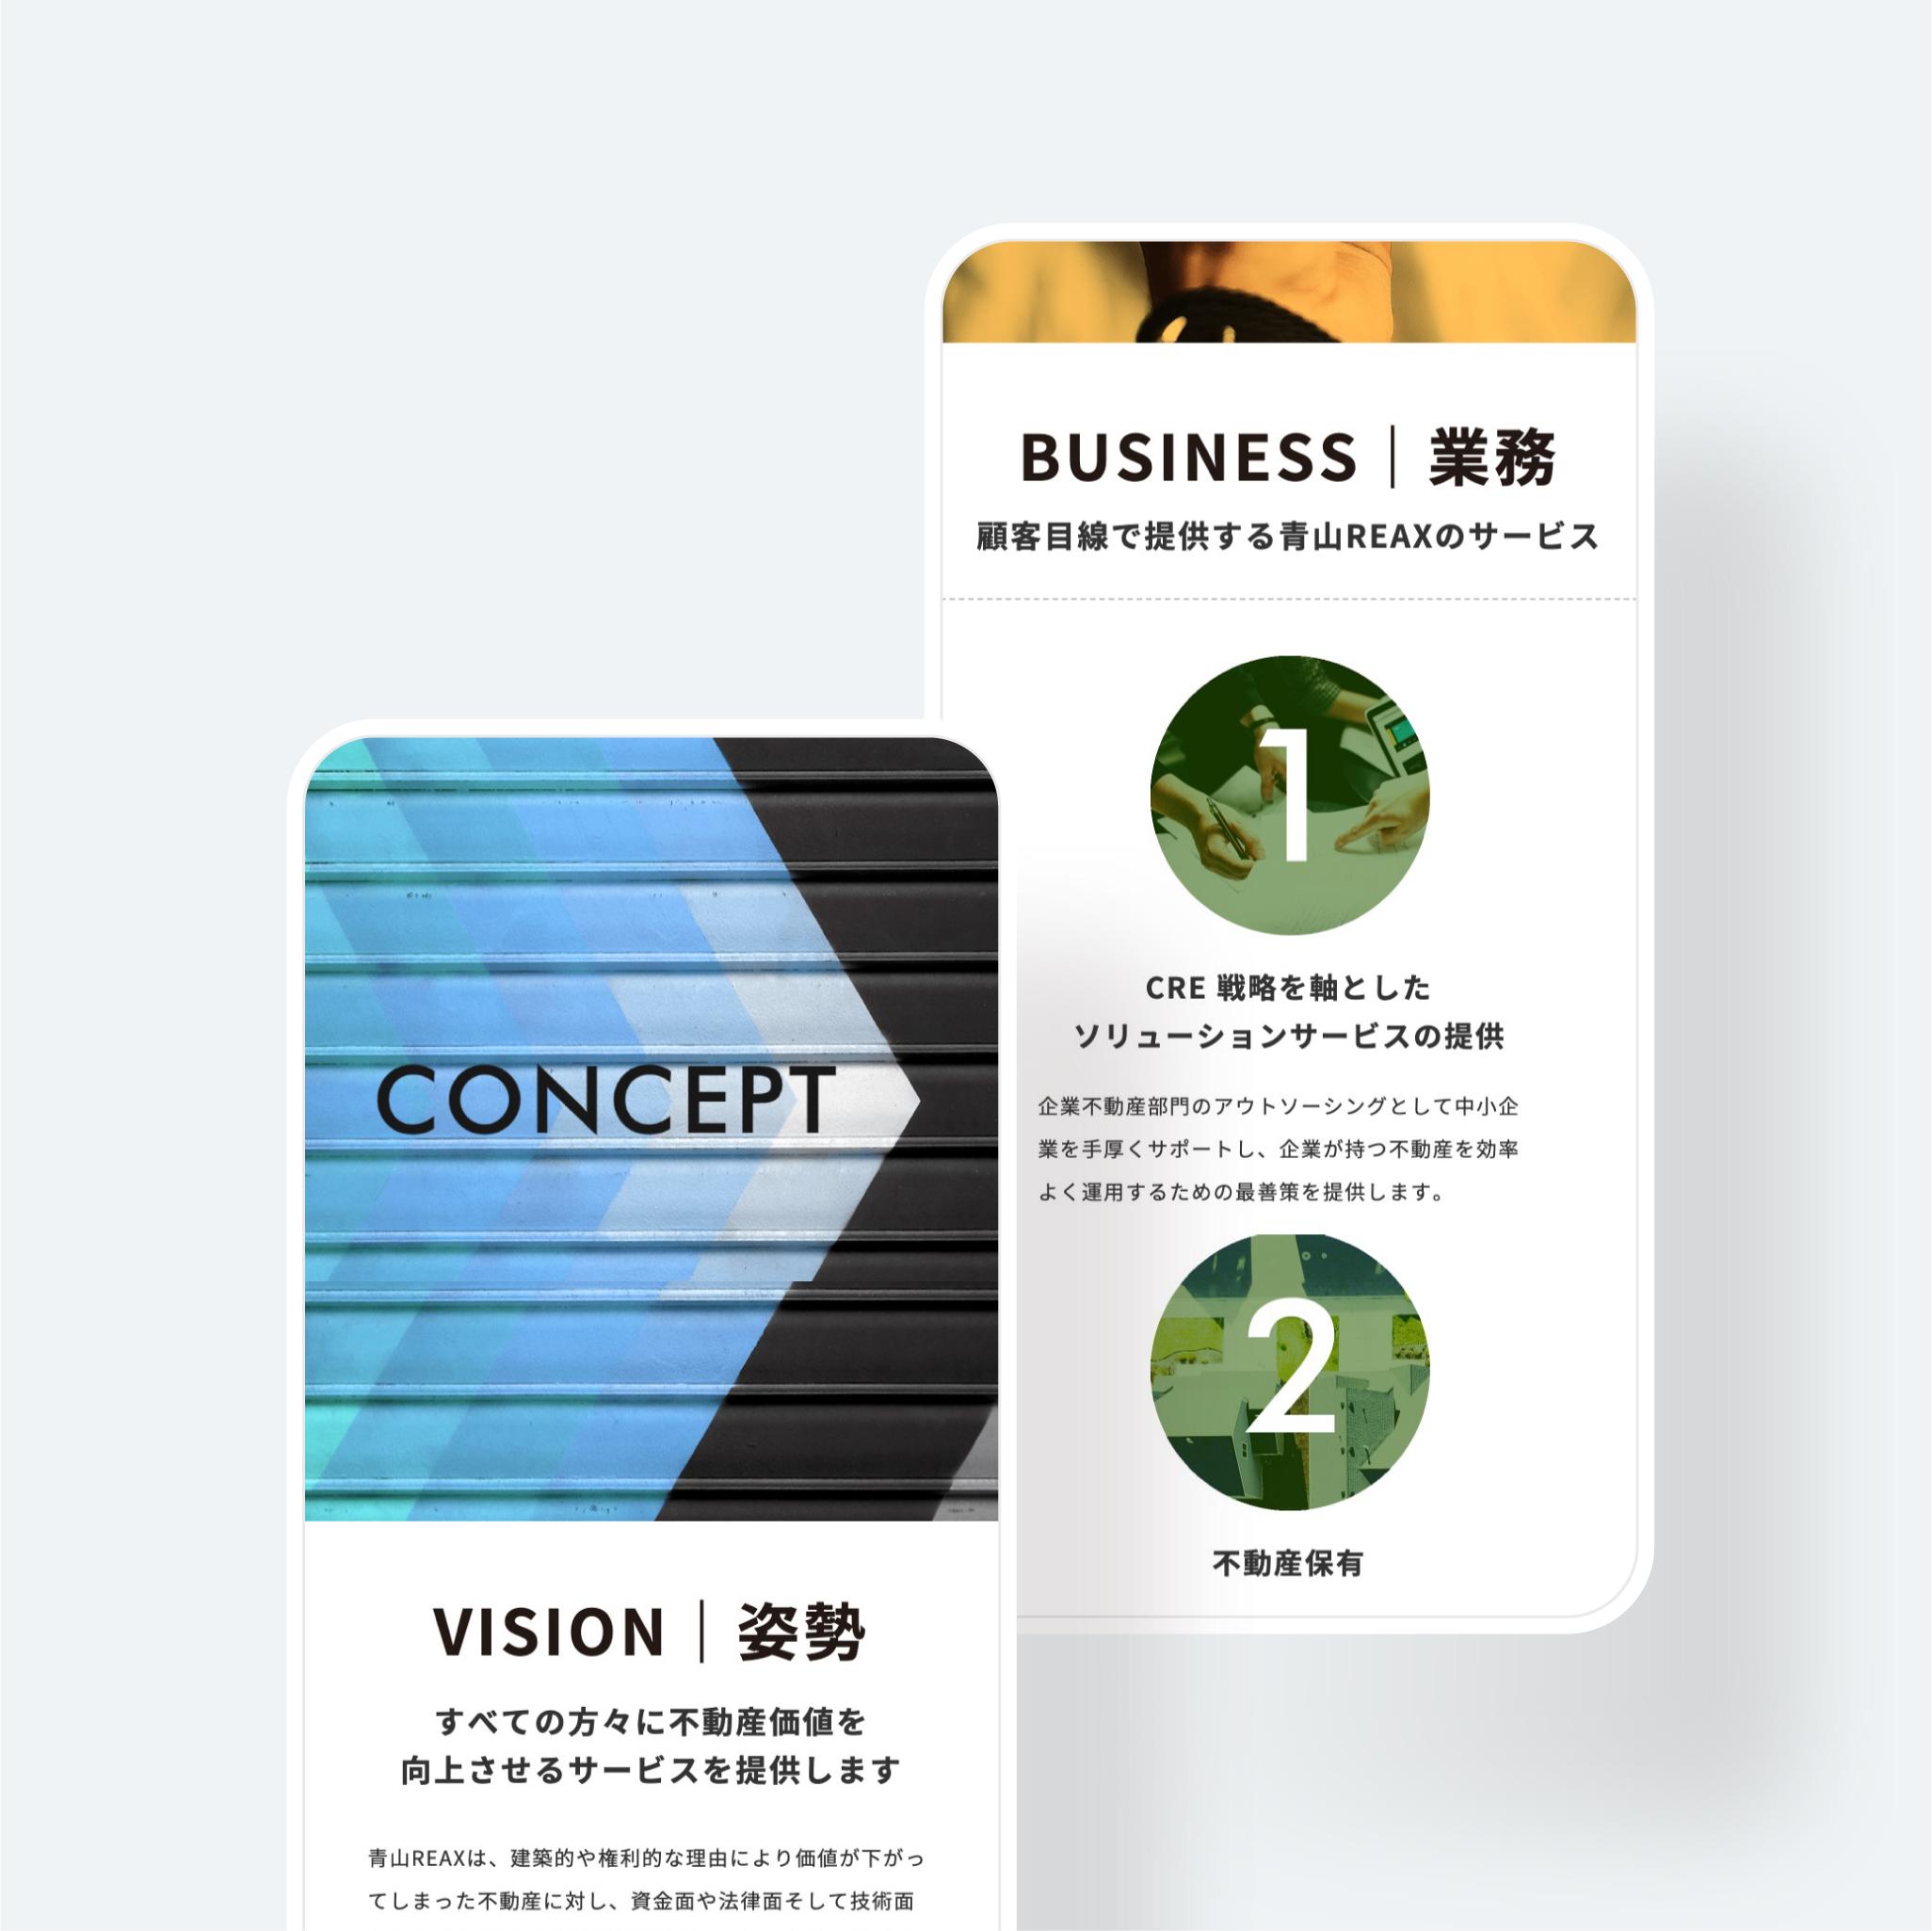 不動産 WE Bサイト|青山REAX(アオヤマリアックス)